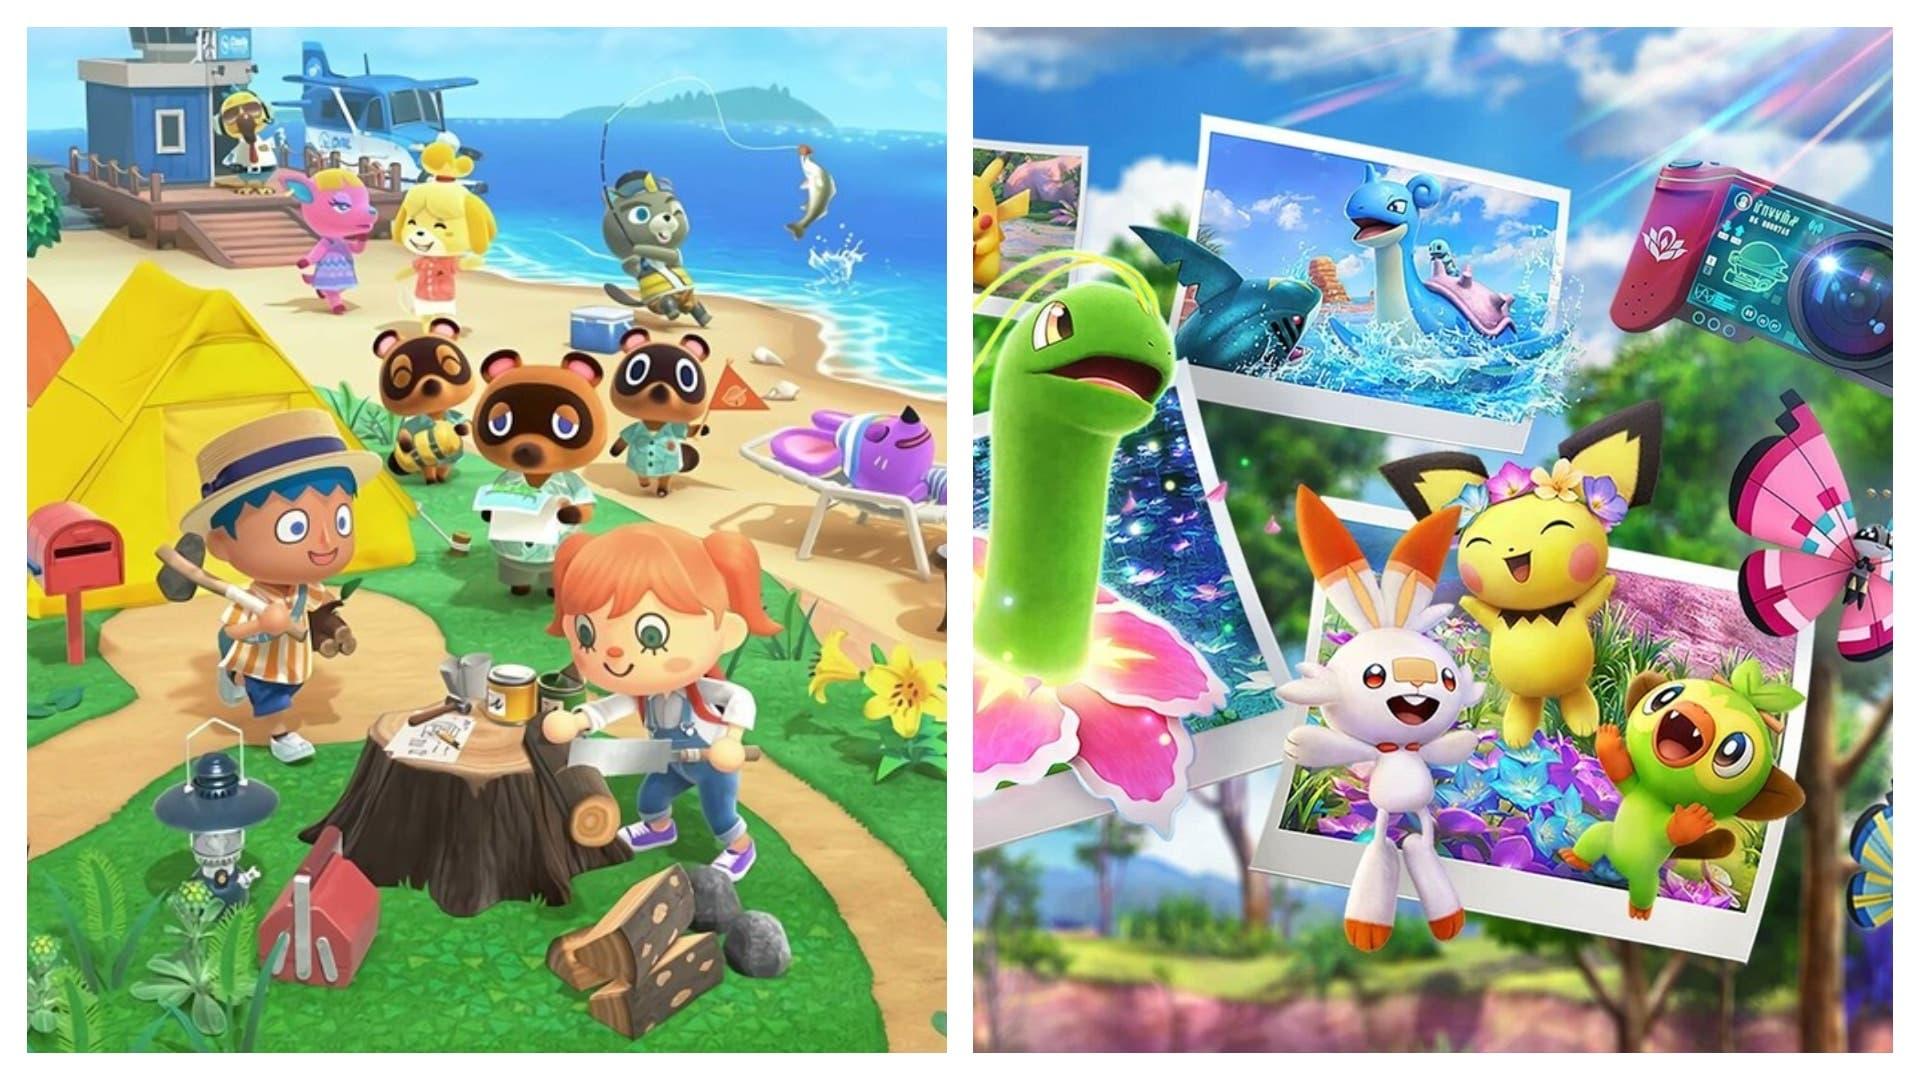 La nueva actualización de Animal Crossing: New Horizons debería tomar nota de estos puntos de la de New Pokémon Snap